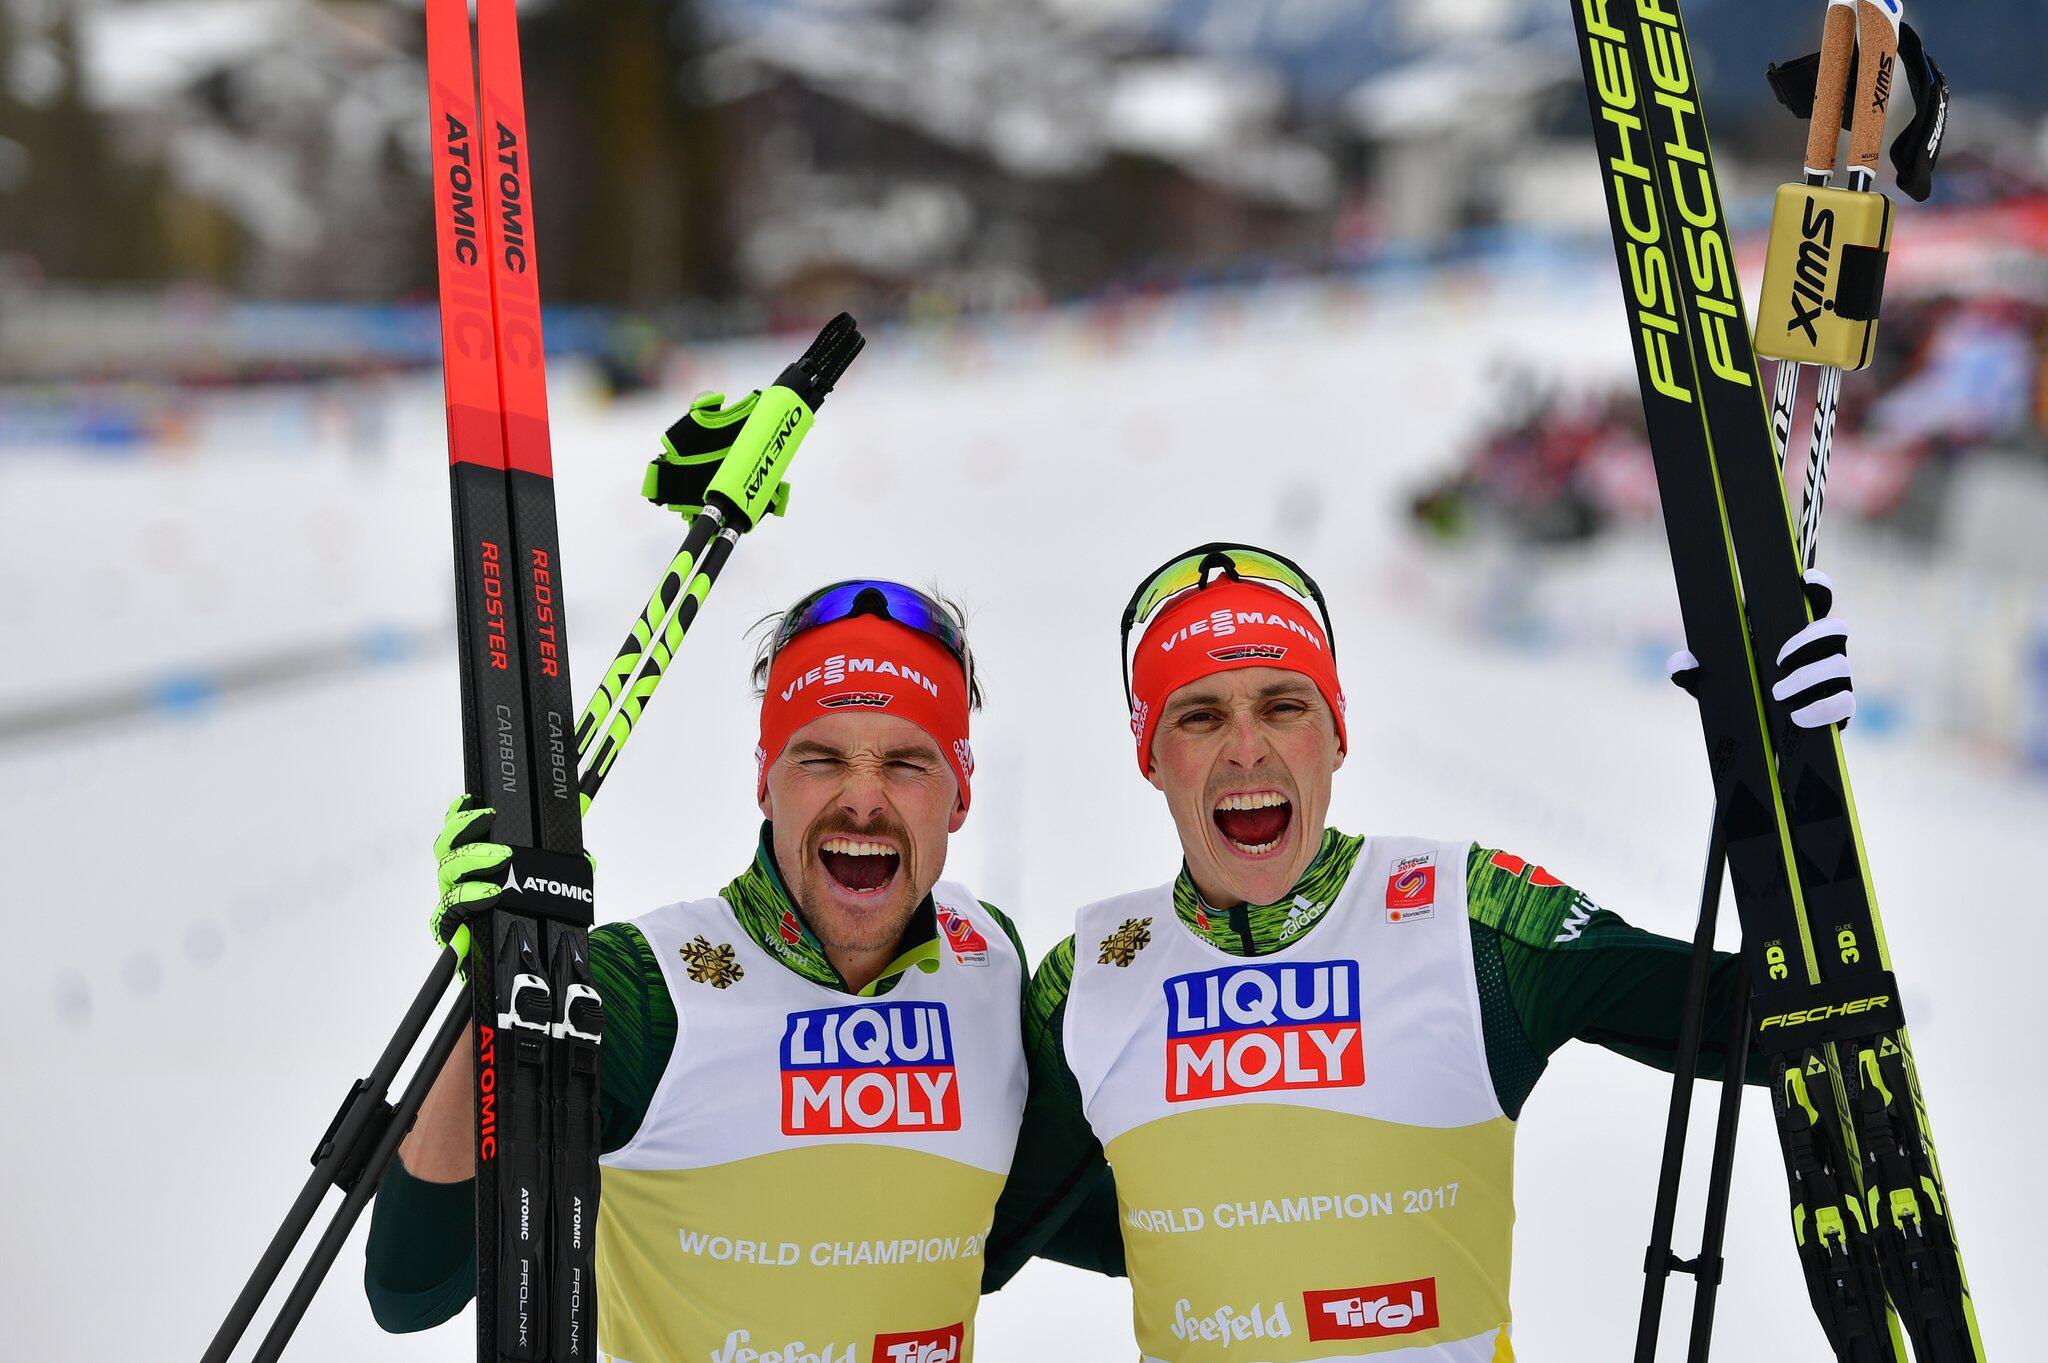 Bild zu Fabian Rießle, Eric Frenzel, Nordische Kombination, Nordische Ski-WM, Ski-WM, Seefeld